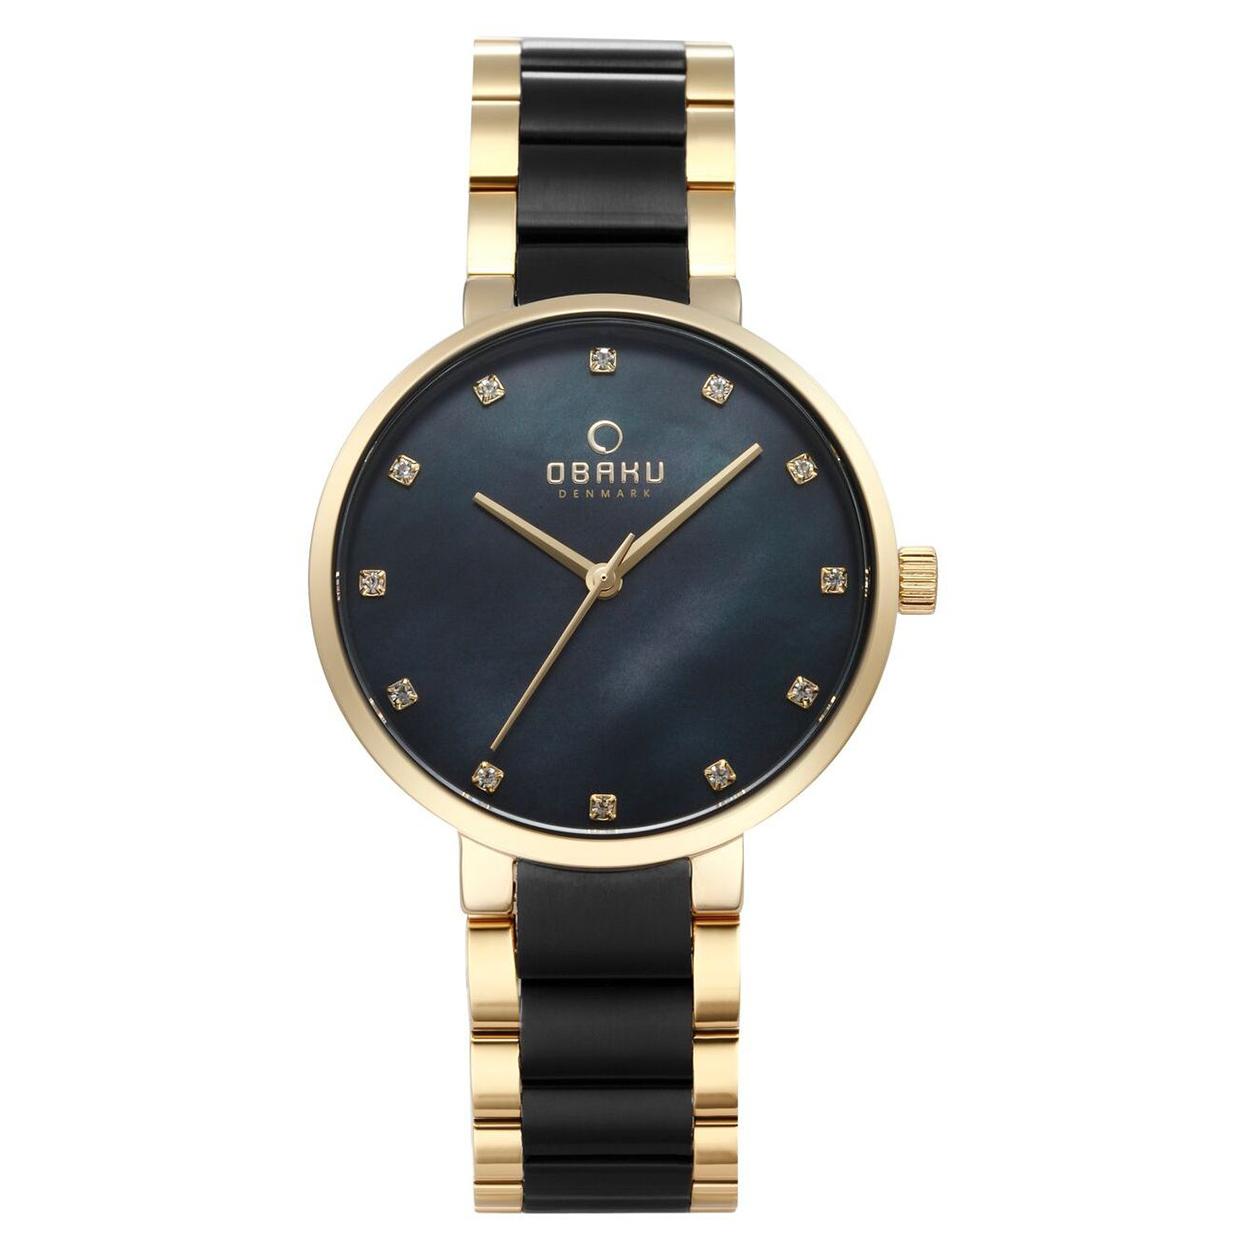 Zegarek Obaku na stolowej kopercie